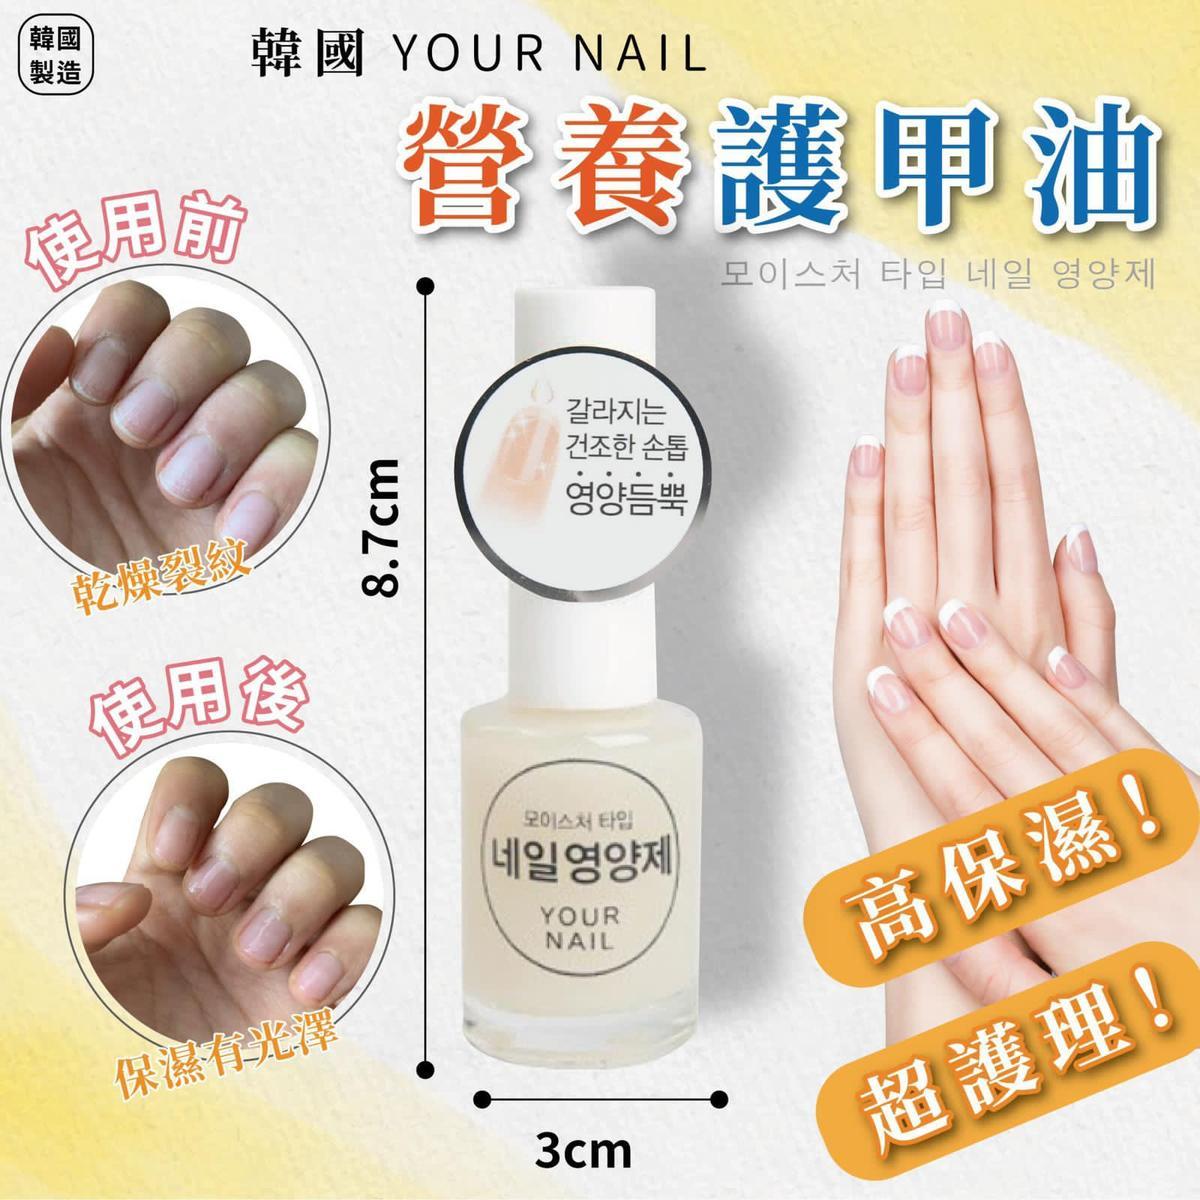 韓國Your Nail營養護甲油10ml